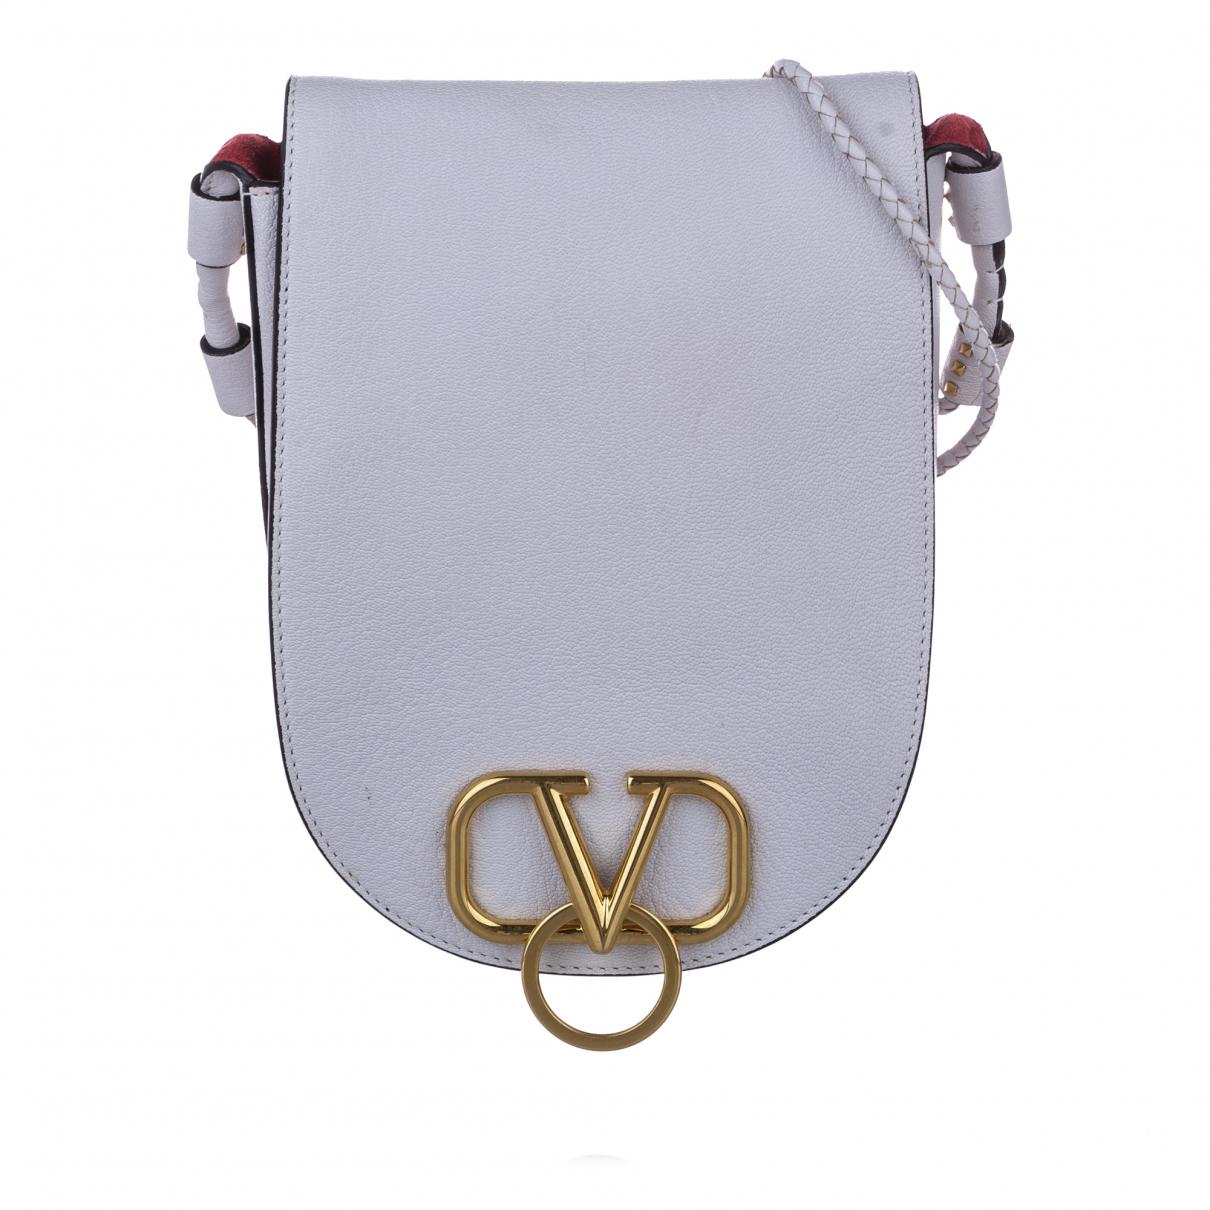 Valentino Garavani - Sac a main   pour femme en cuir - blanc